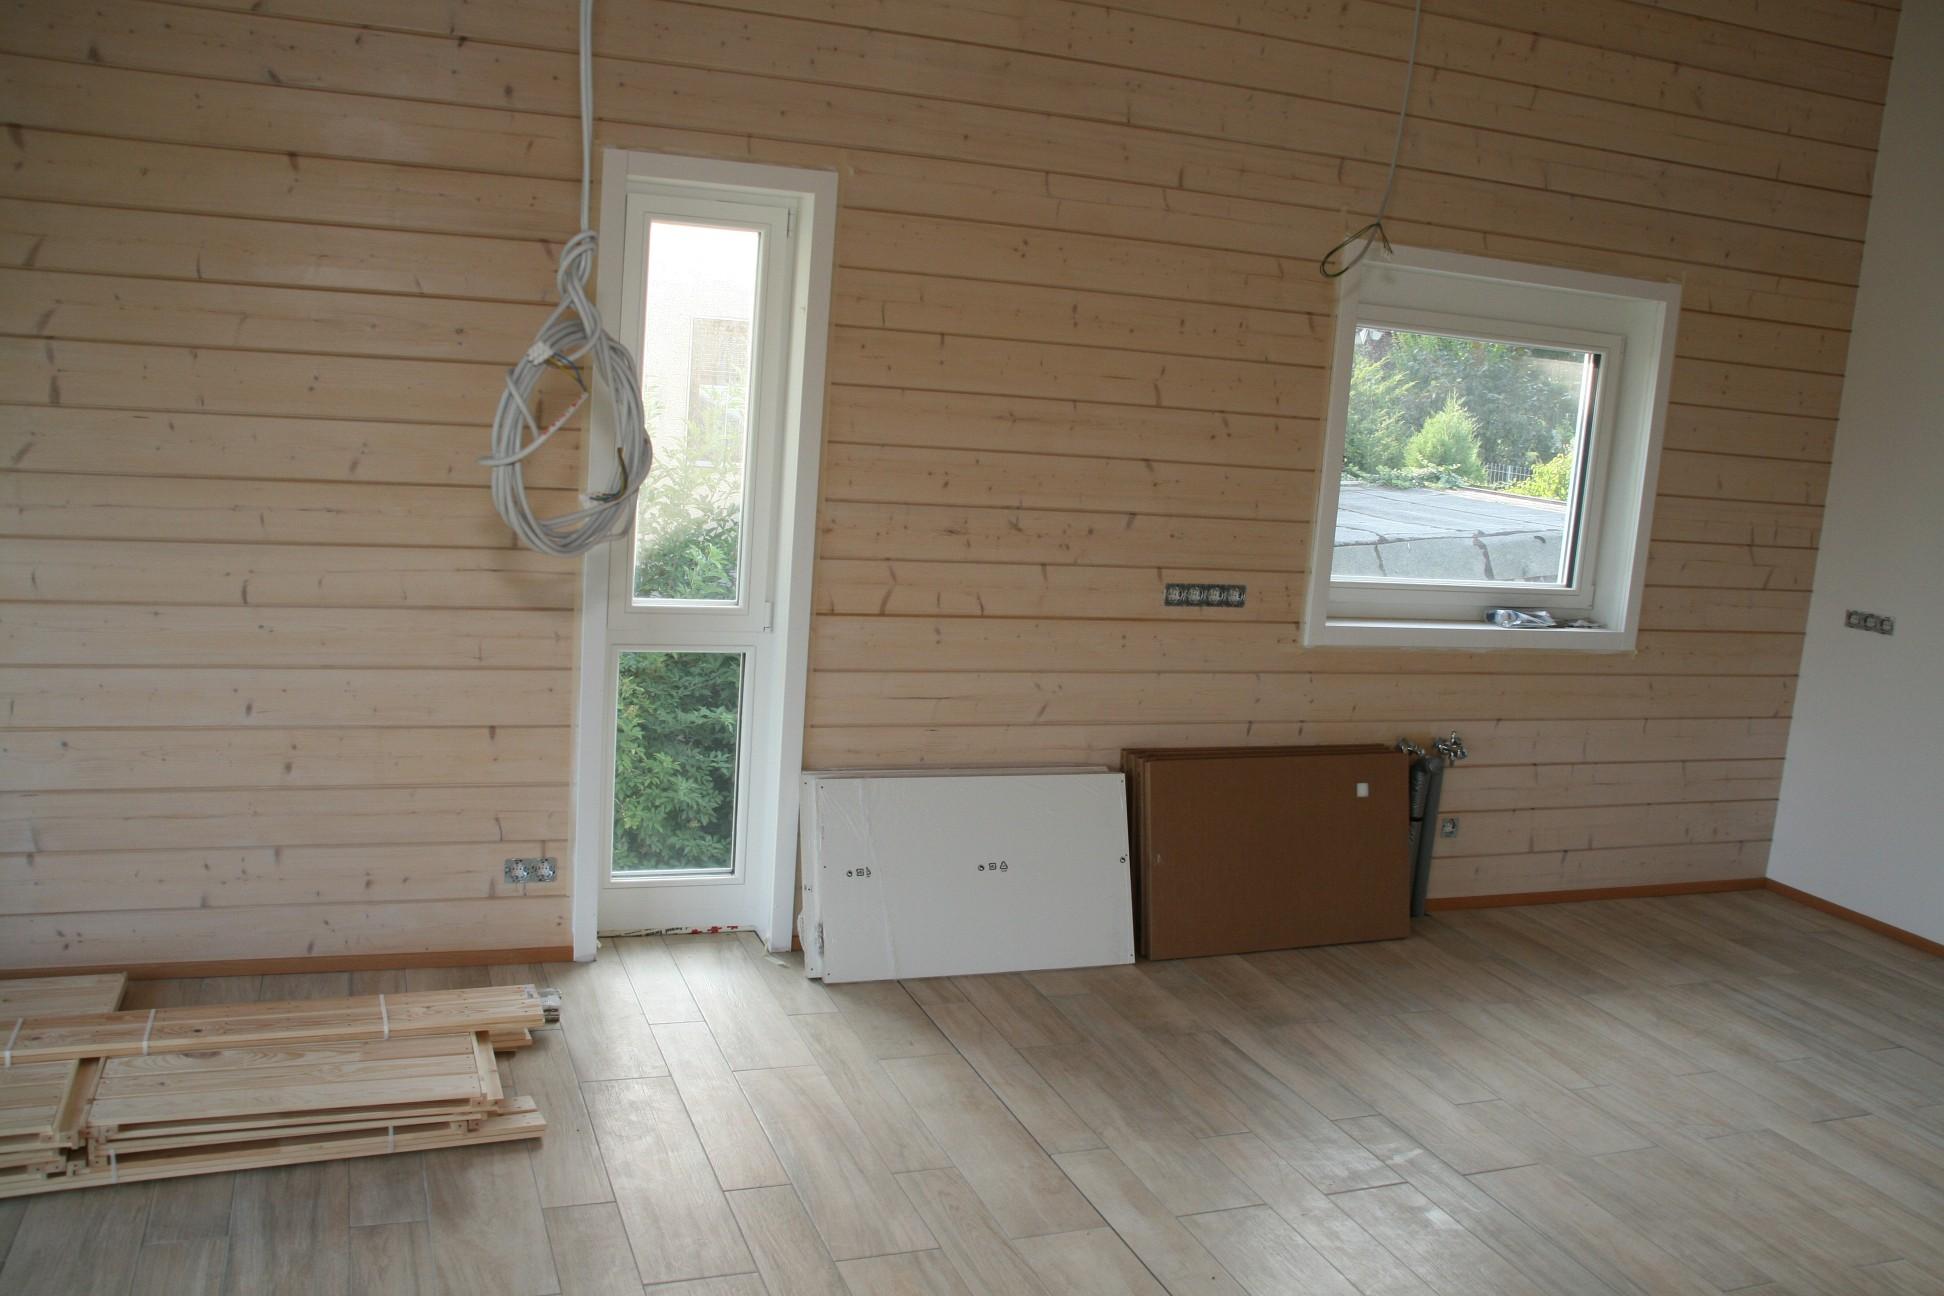 vera christophs baublog preise paletten und pakete vom einkaufen im gro en stile. Black Bedroom Furniture Sets. Home Design Ideas